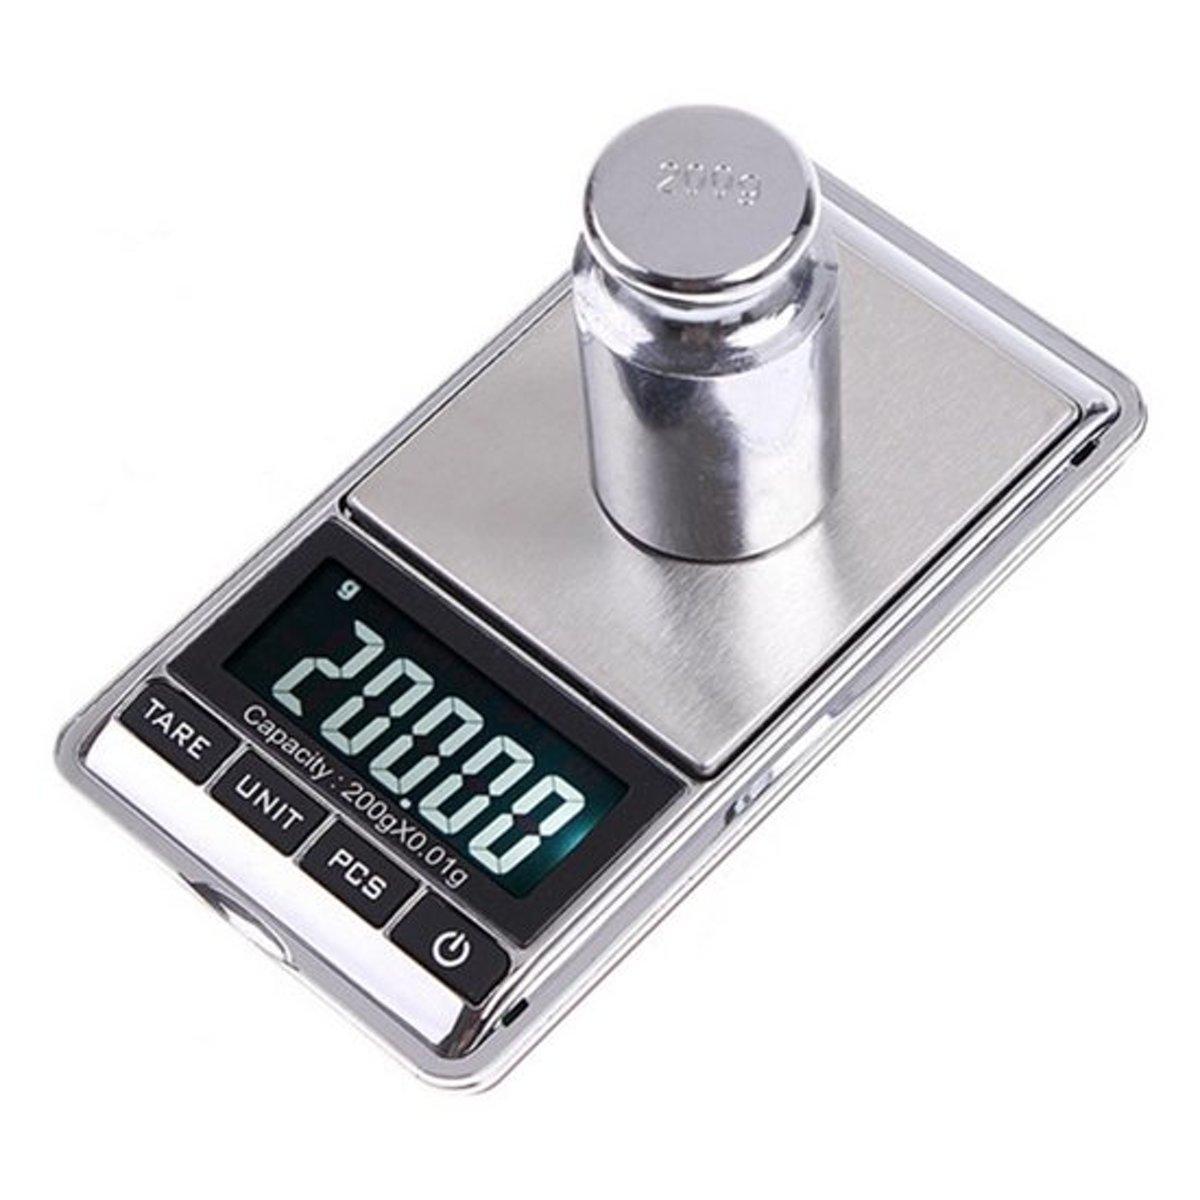 Professionele Digitale Mini Pocket Keuken Precisie Weegschaal Inclusief batterijen - 0,01 tot 200 Gram - Zakweegschaal